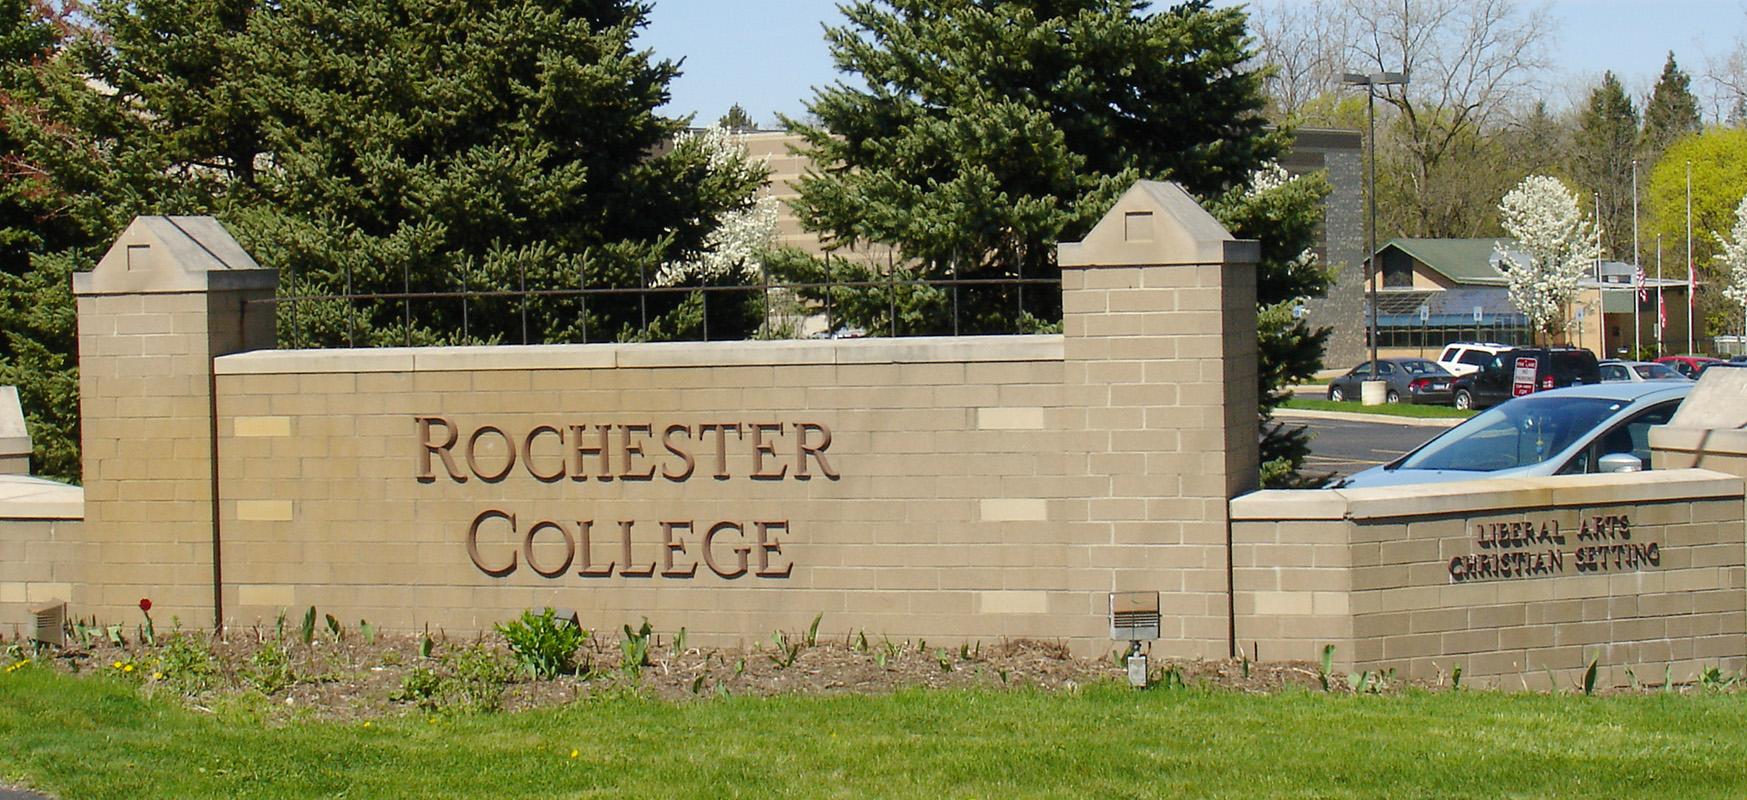 美國密西根州大底特律地區的羅切斯特大學(Rochester College)(明慧網)